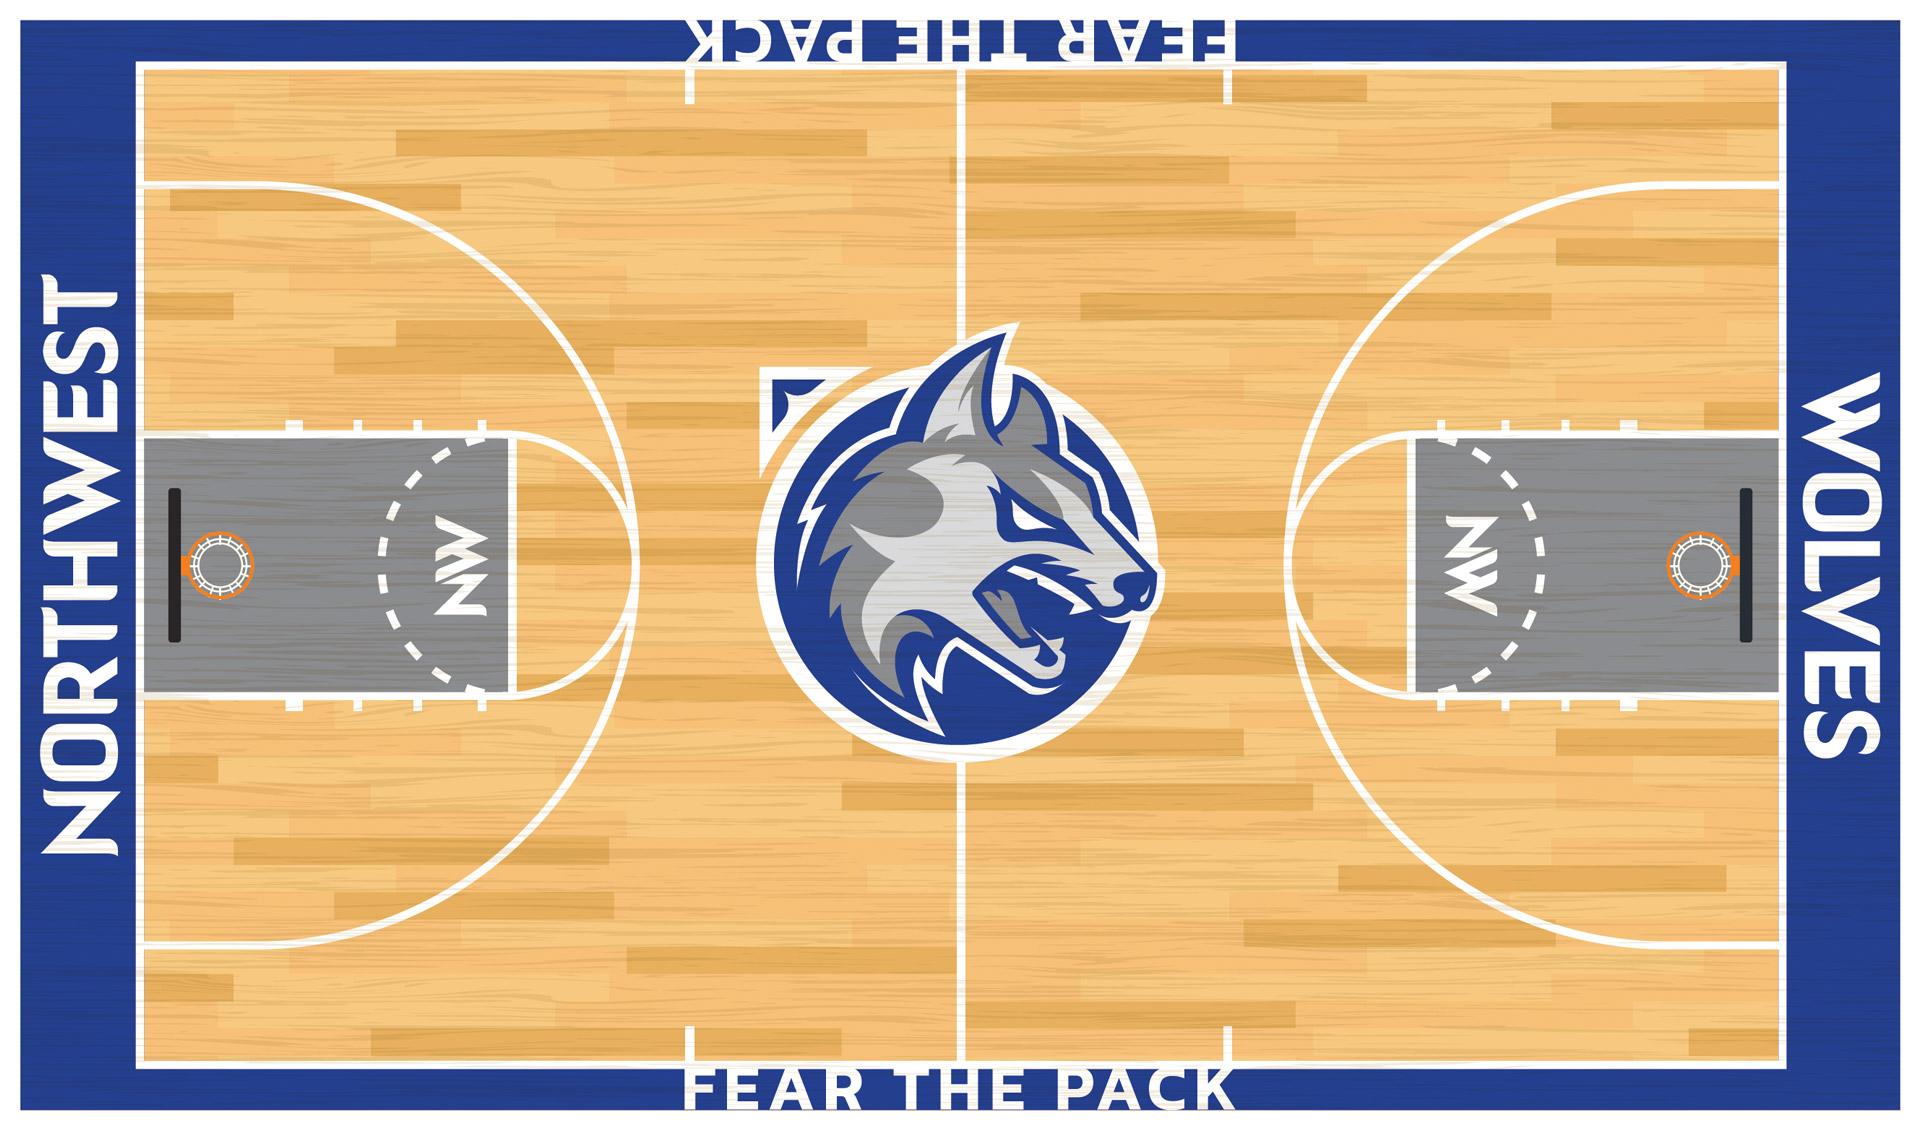 Waukee Northwest Wolves Basketball Court